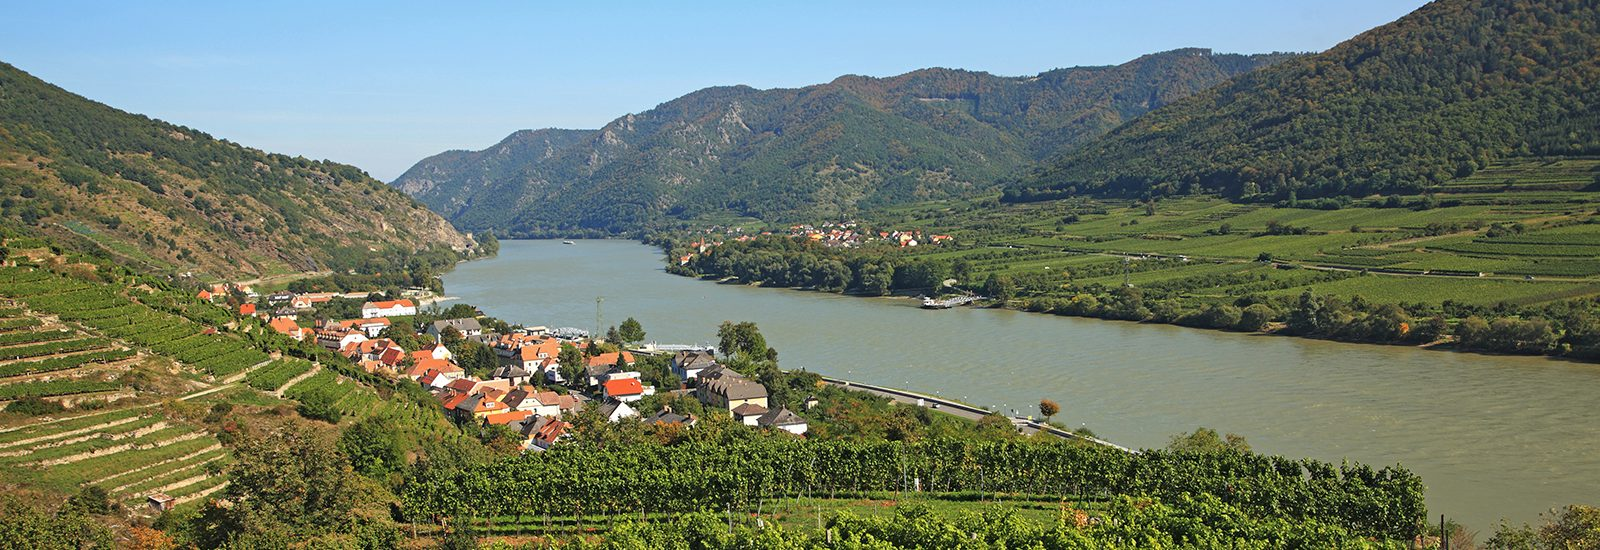 vineyards Wachau Valley Austria